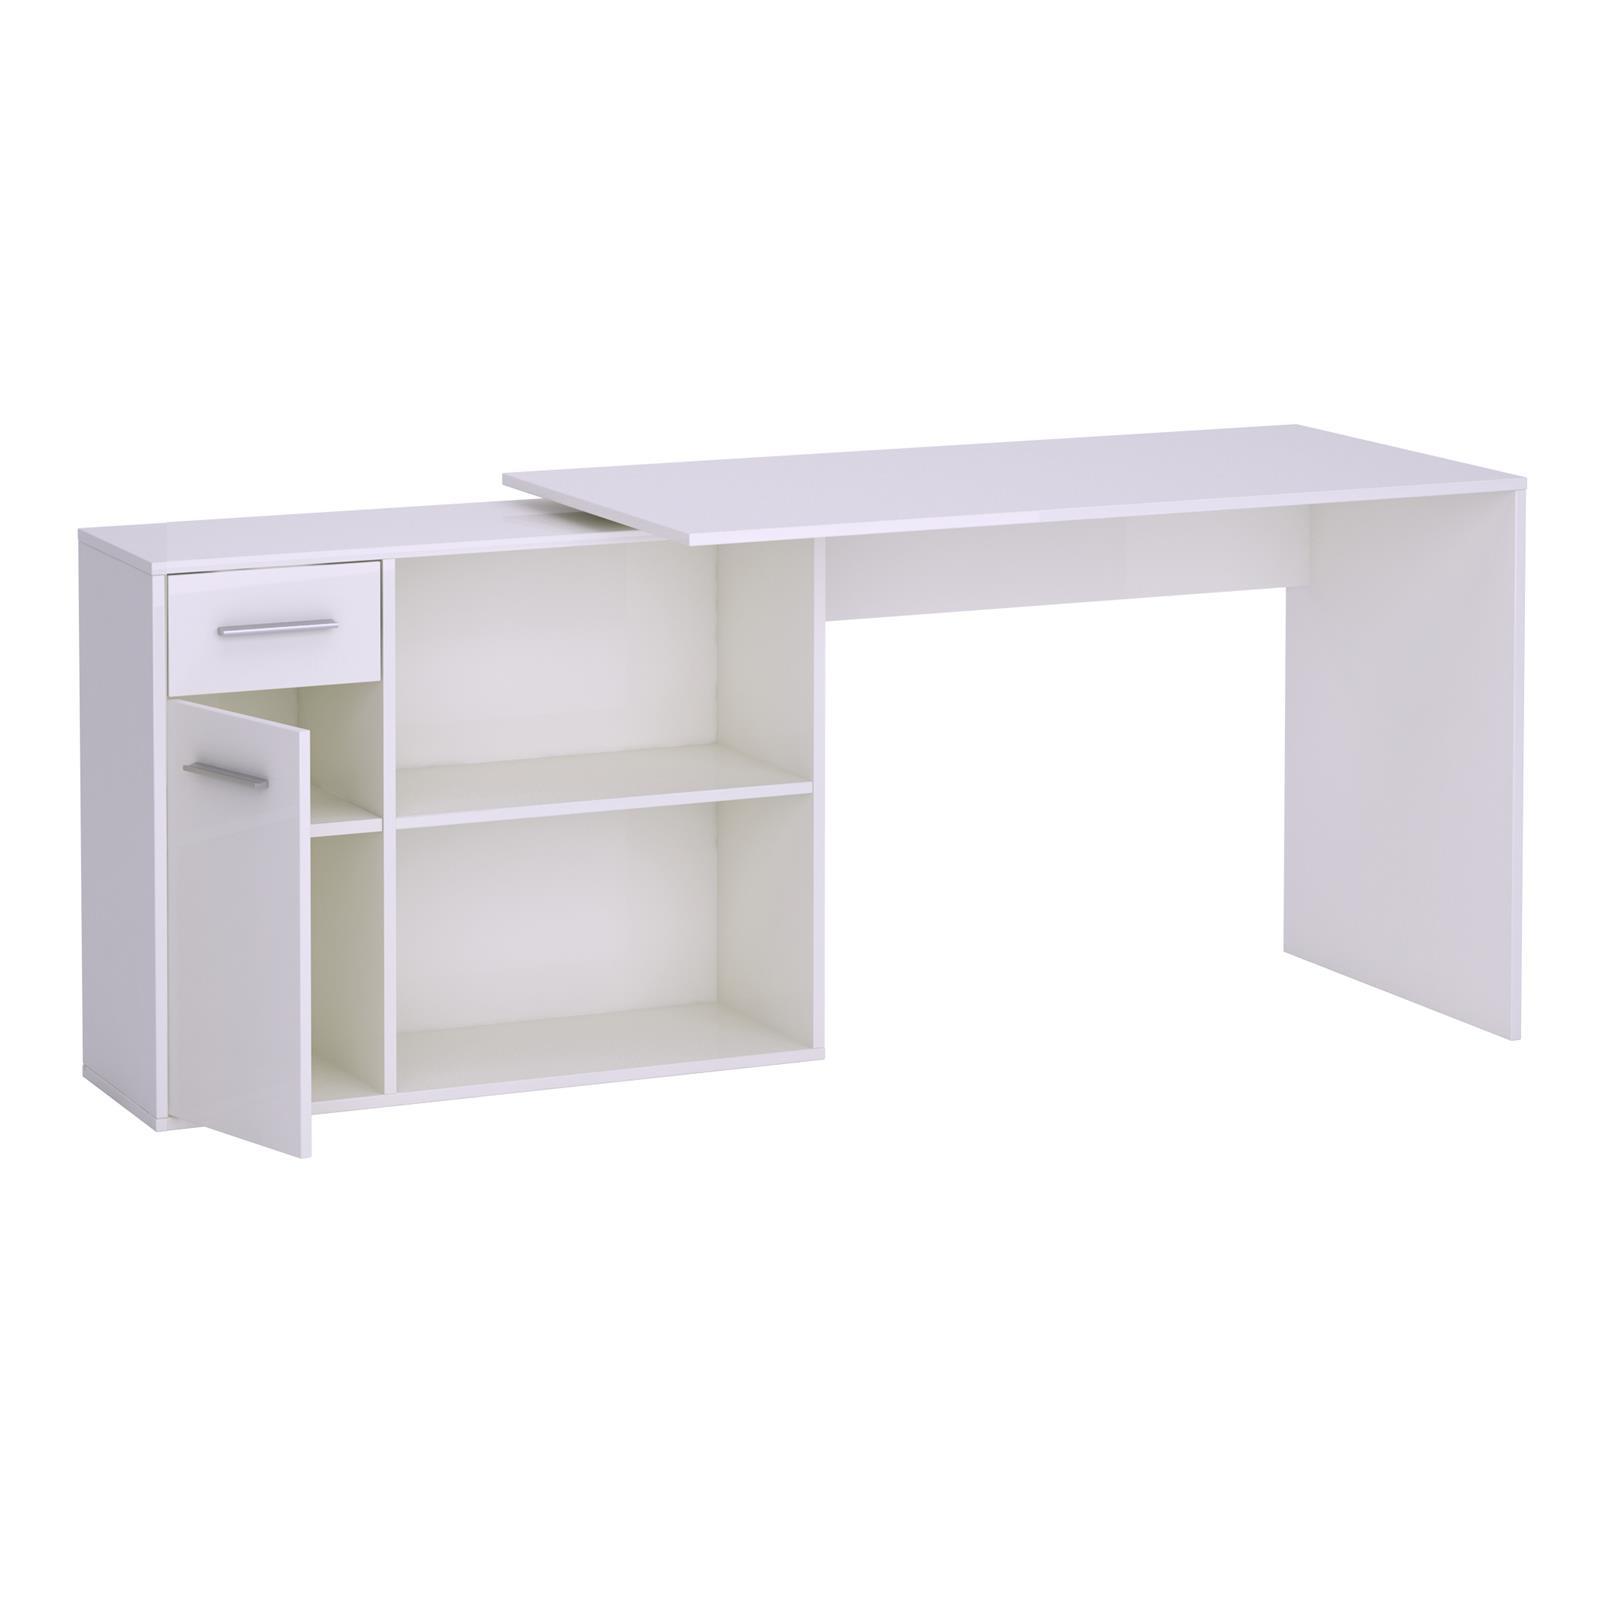 regal mit tisch regal mit integriertem tisch aufklappbar m bel z rich ausziehbarer tisch mit. Black Bedroom Furniture Sets. Home Design Ideas